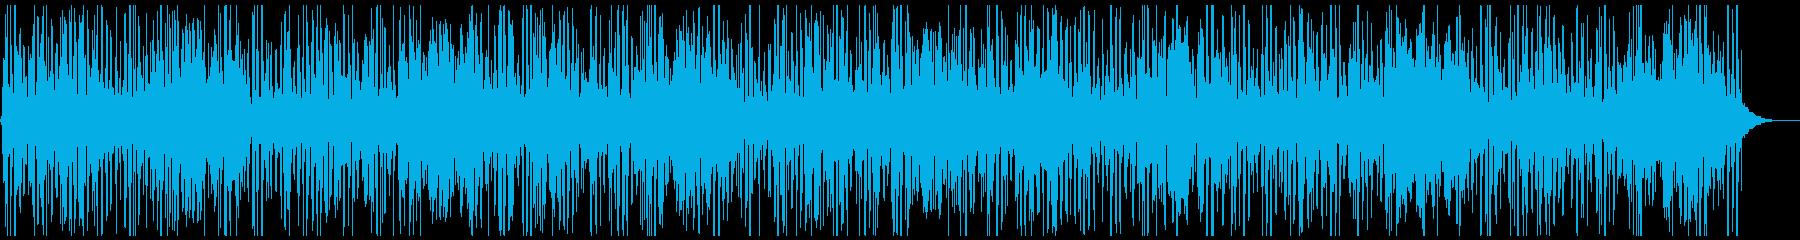 電子機器などをイメージした背景音の再生済みの波形